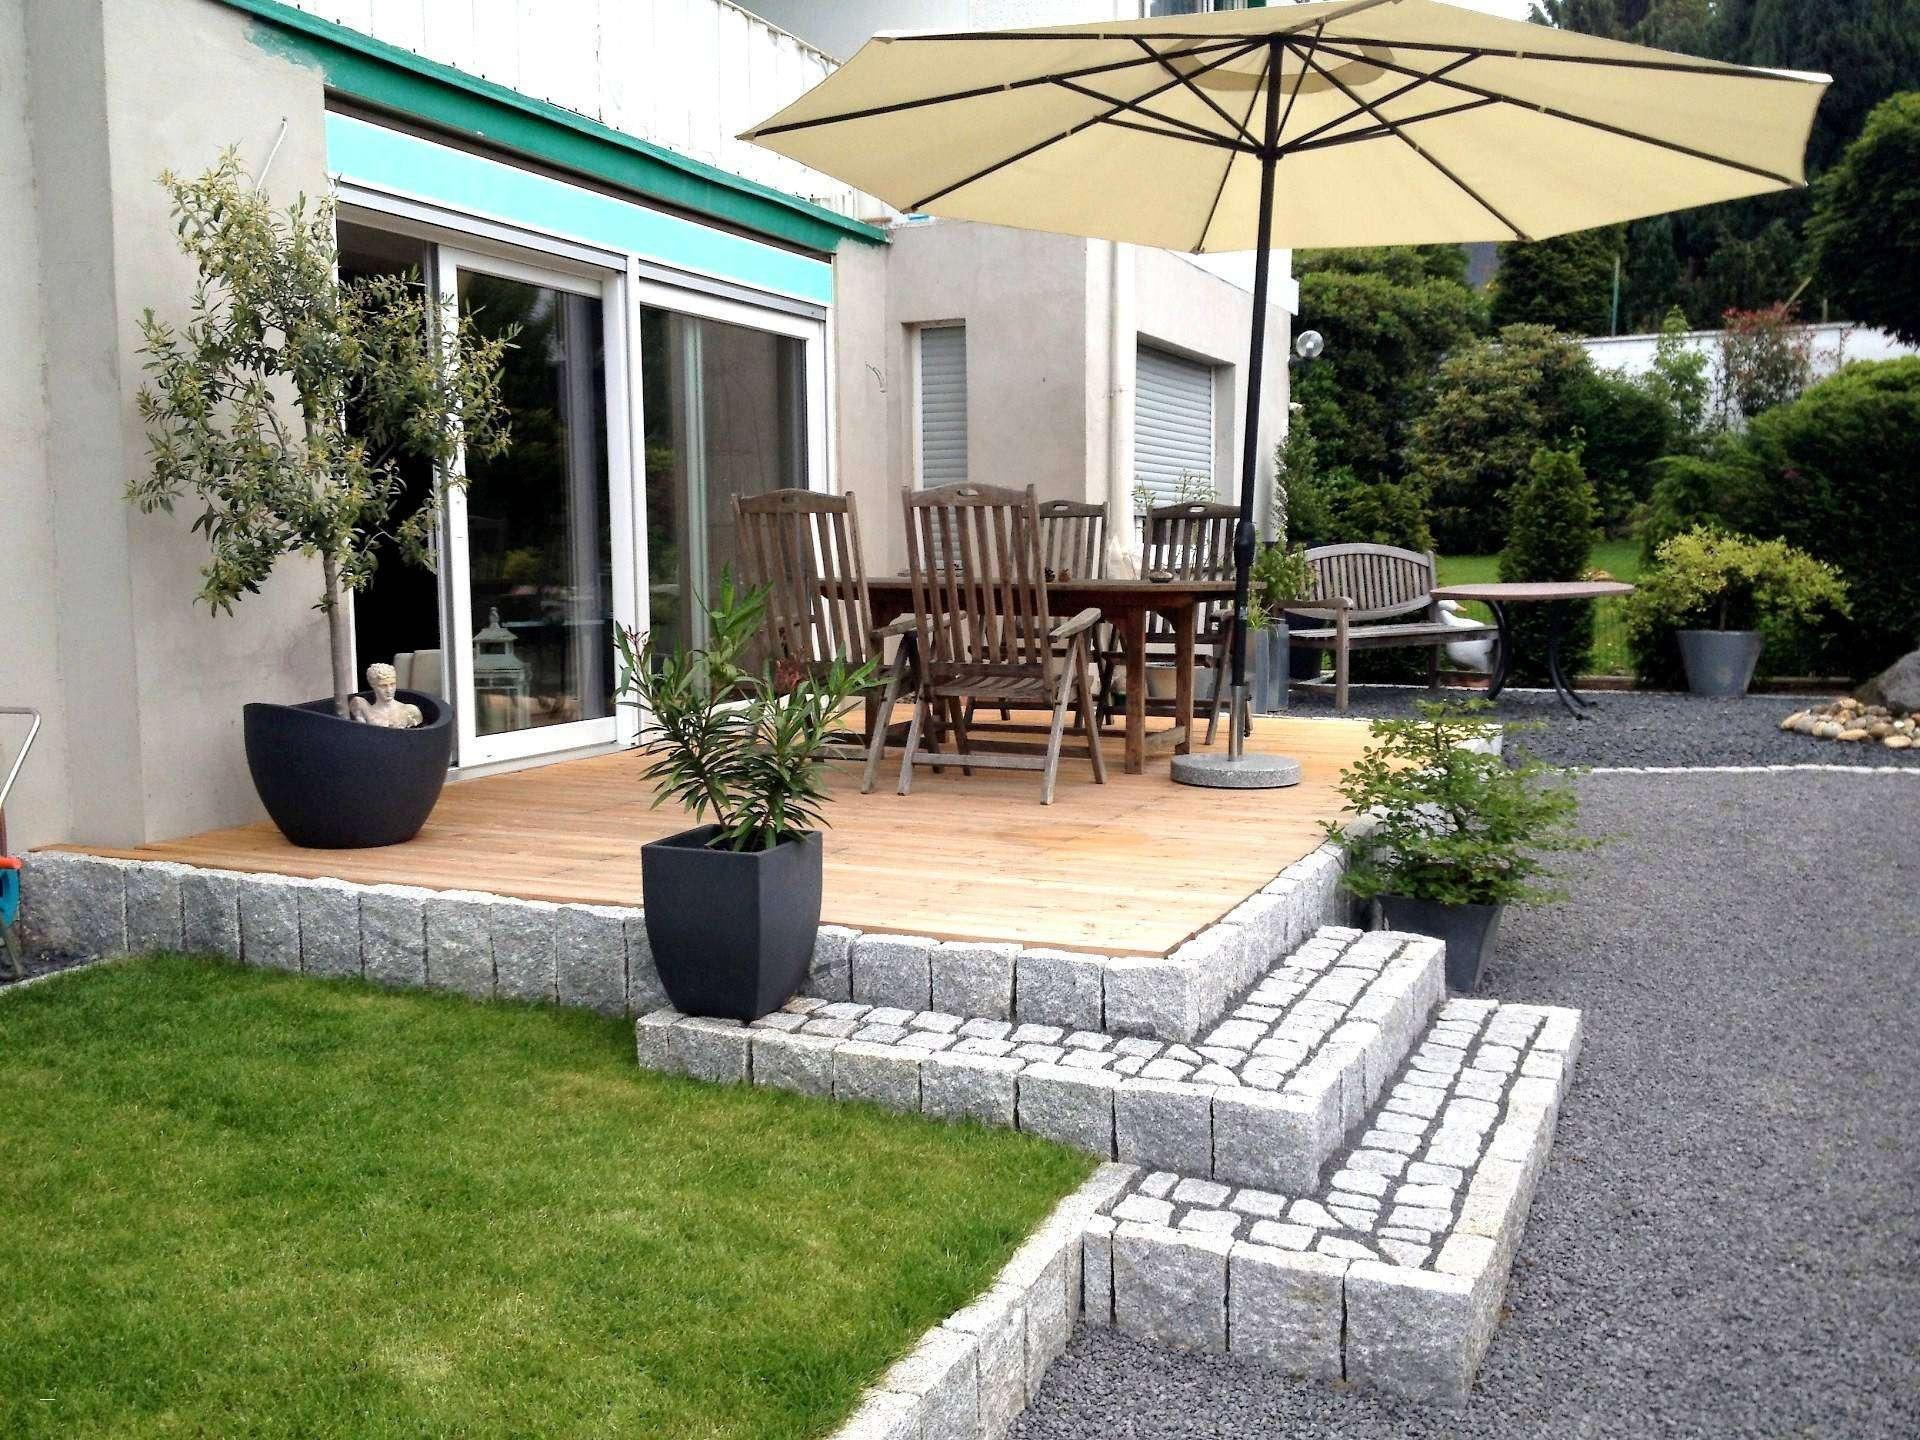 terrasse ideen gestalten luxus garten elegant tolle balkon terrasse ideen gestalten luxus garten elegant wintergarten balkon 0d von of